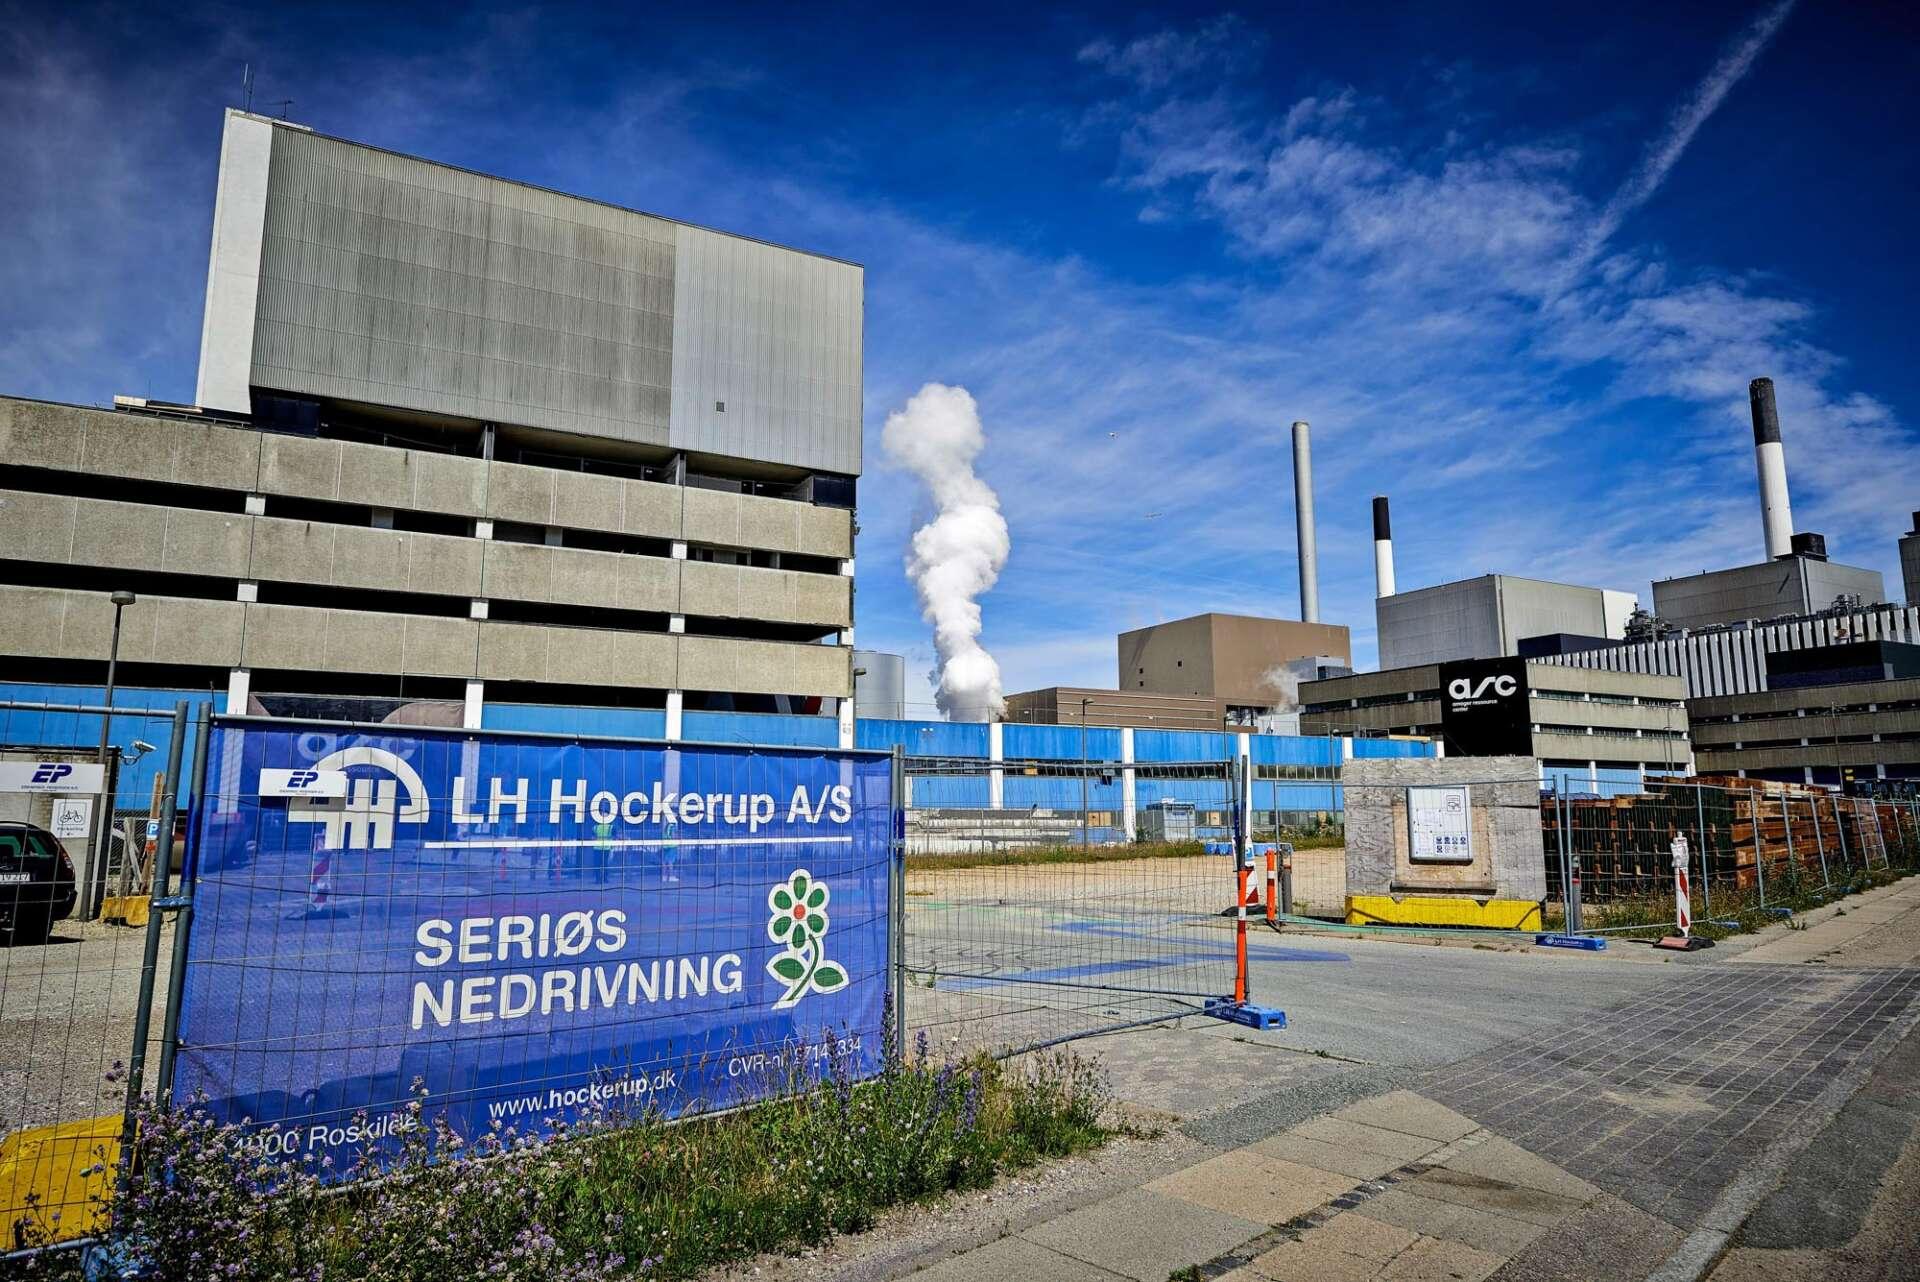 LH Hockerup - ARC